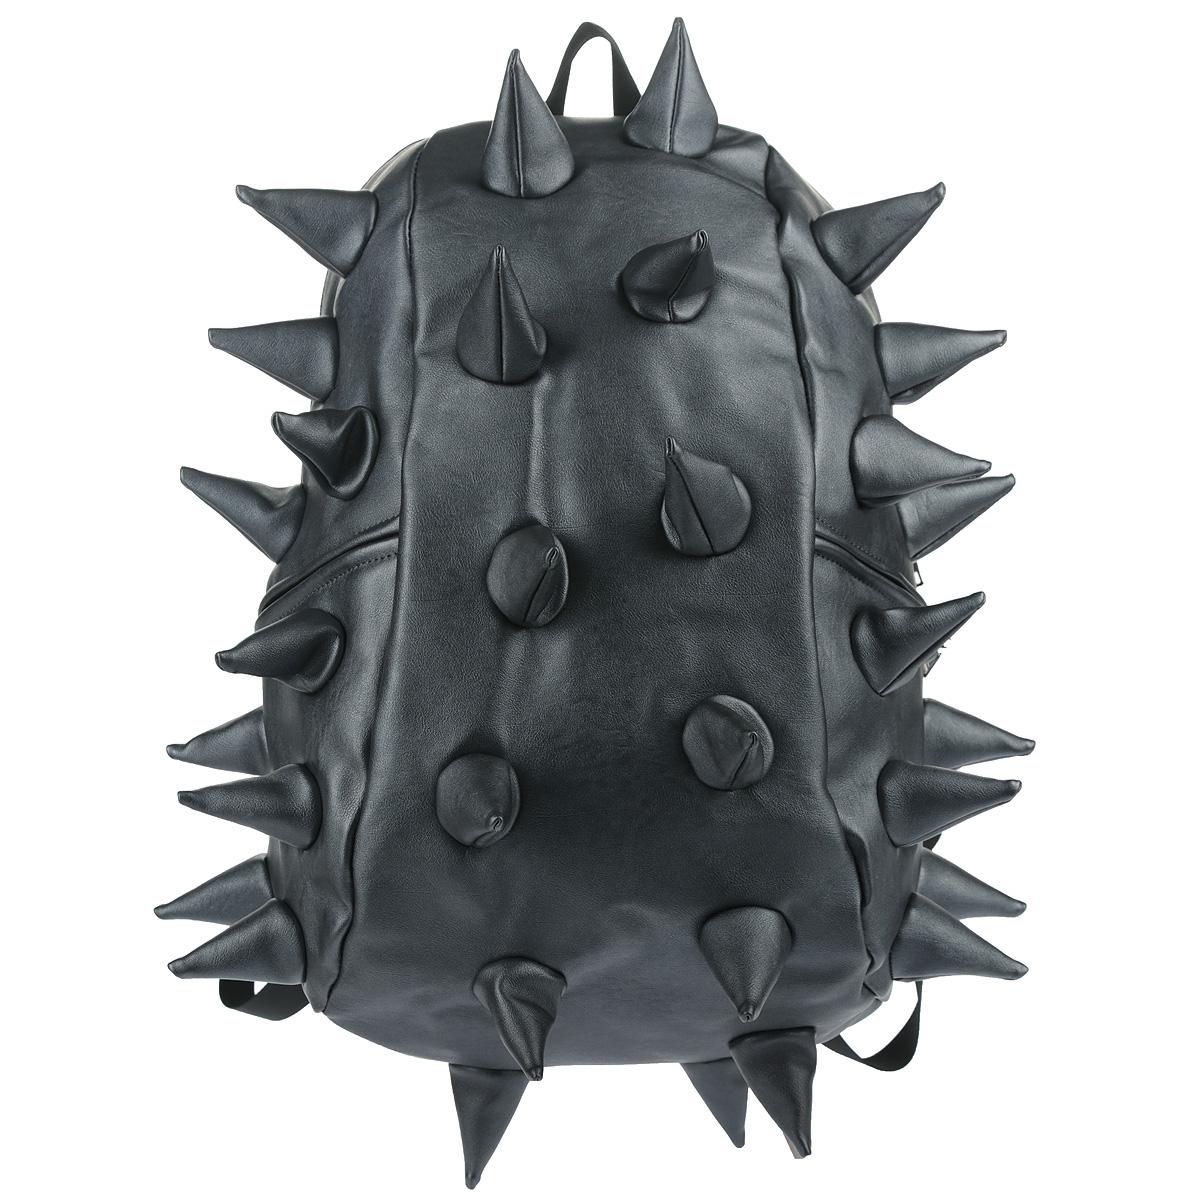 """Рюкзак городской MadPax Rex Full. Heavy Metal Spike, цвет: синий, 27 лKZ24483402Городской рюкзак MadPax Rex Full. Heavy Metal Spike - это стильный и практичный аксессуар, который станет незаменимым в ритме большого города. Верх рюкзака выполнен из 100% полиуретана с эффектом металлического глянца, шипы придают изделию неповторимый дизайн. Подкладка изготовлена из нейлона. Рюкзак имеет одно основное отделение на застежке-молнии. Размер Full позволяет поместить внутрь ноутбук с диагональю экрана 17"""", для этого предусмотрен специальный отдел с мягкими стенками, закрывающийся хлястиком на липучку. Также внутри содержится небольшой карман на молнии. Снаружи по бокам у рюкзака два кармана на молнии для разных мелочей. Сзади расположен кармашек из прозрачного ПВХ для визитки.Модель оснащена ручкой для переноски в руке, а также широкими плечевыми лямками с многослойной структурой, которые можно регулировать по длине. Специальная застежка-крепление соединяет и фиксирует лямки в районе груди, это позволяет равномерно распределить нагрузку на плечи и спину при максимальной загрузке рюкзака. Мягкая ортопедическая спинка создает дополнительный комфорт вашей спине и делает ношение рюкзака более удобным. MadPax - это крутые рюкзаки в стиле фанк, которые своим неповторимым дизайном бросают вызов монотонности и скуке. Эти уникальные рюкзаки помогают детям всех возрастов самовыражаться, а их внутренняя структура с отделениями, карманами и застежками-молниями делает их невероятно практичными."""